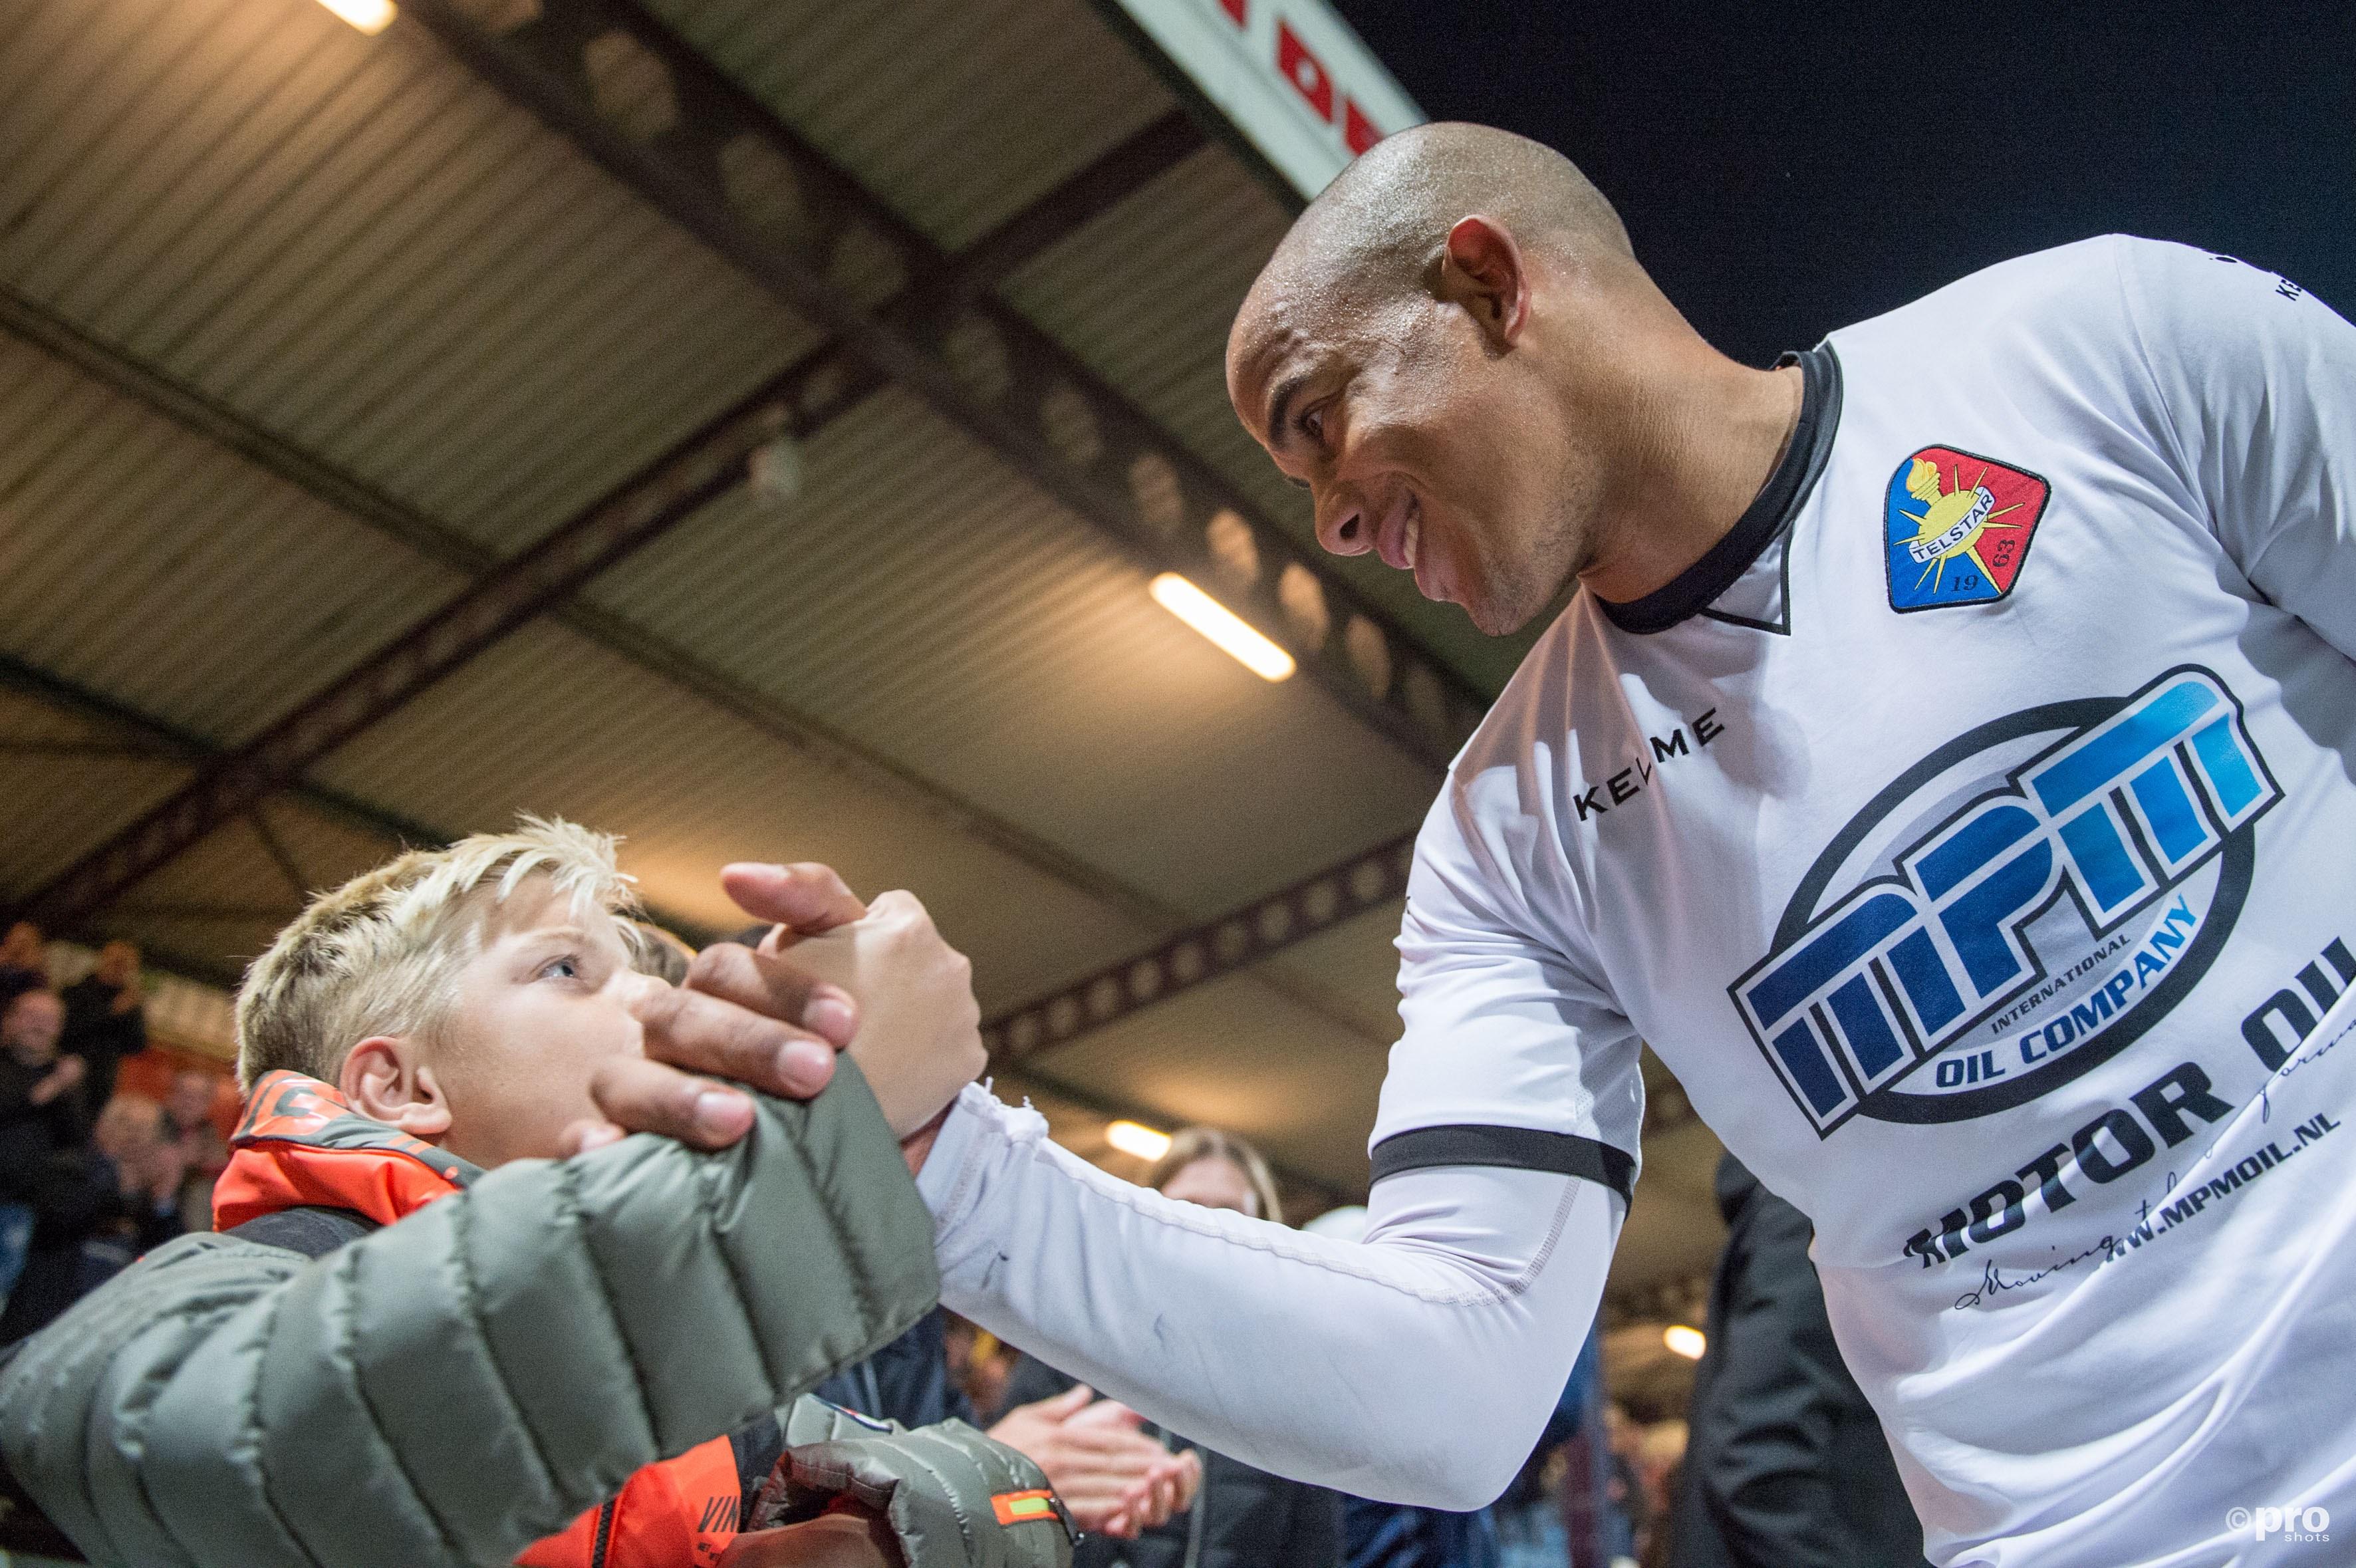 Telstar-speler Bryan Ottenhof viert de overwinning met een jonge supporter. (PRO SHOTS/Martijn Buskermolen)